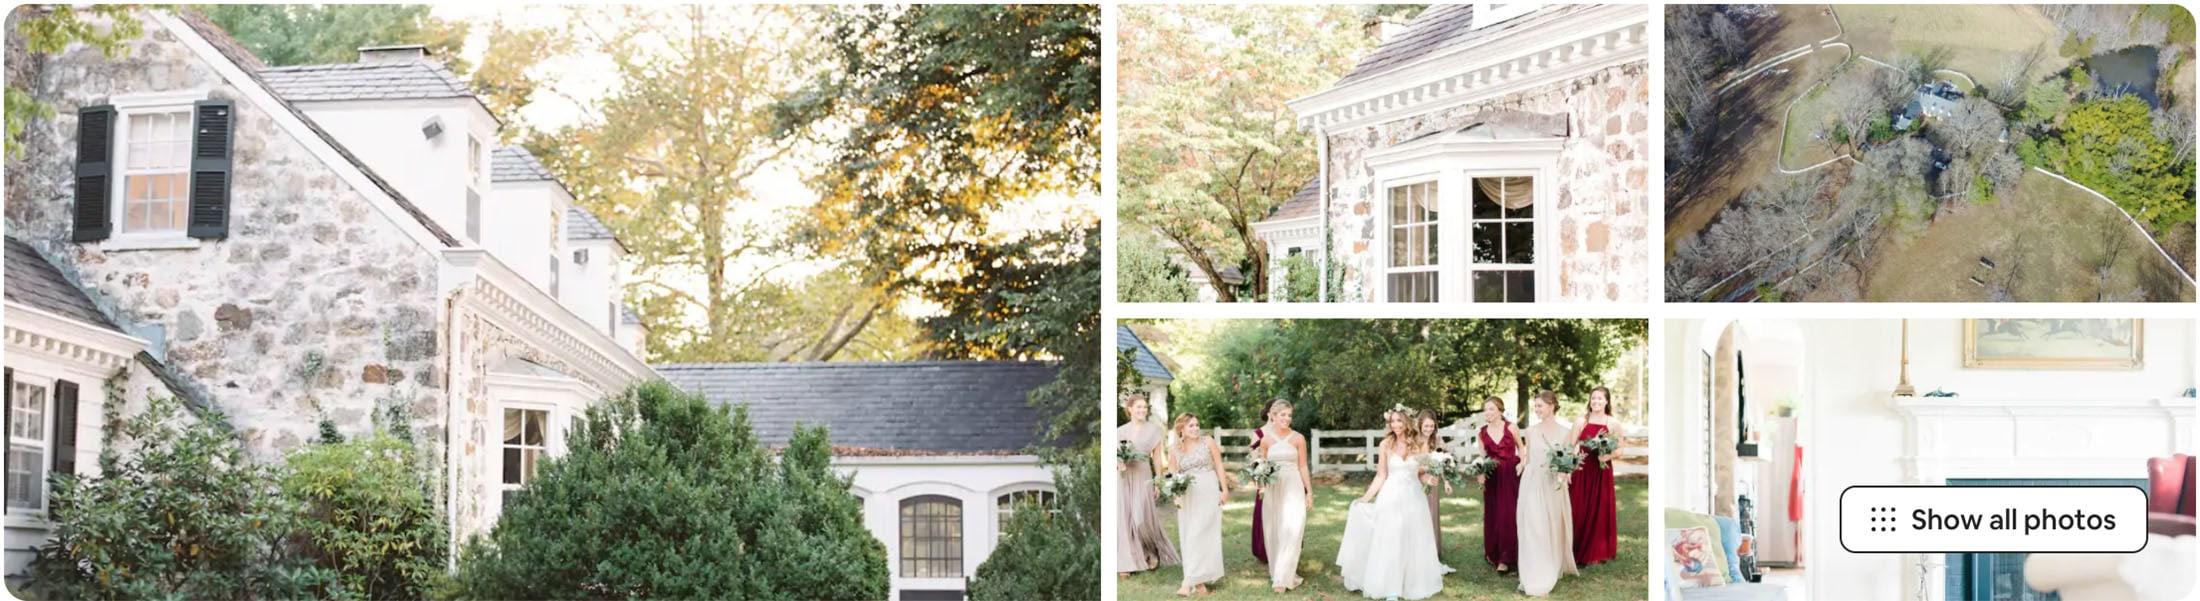 Roslyn Farm, a Virginia Airbnb wedding venue